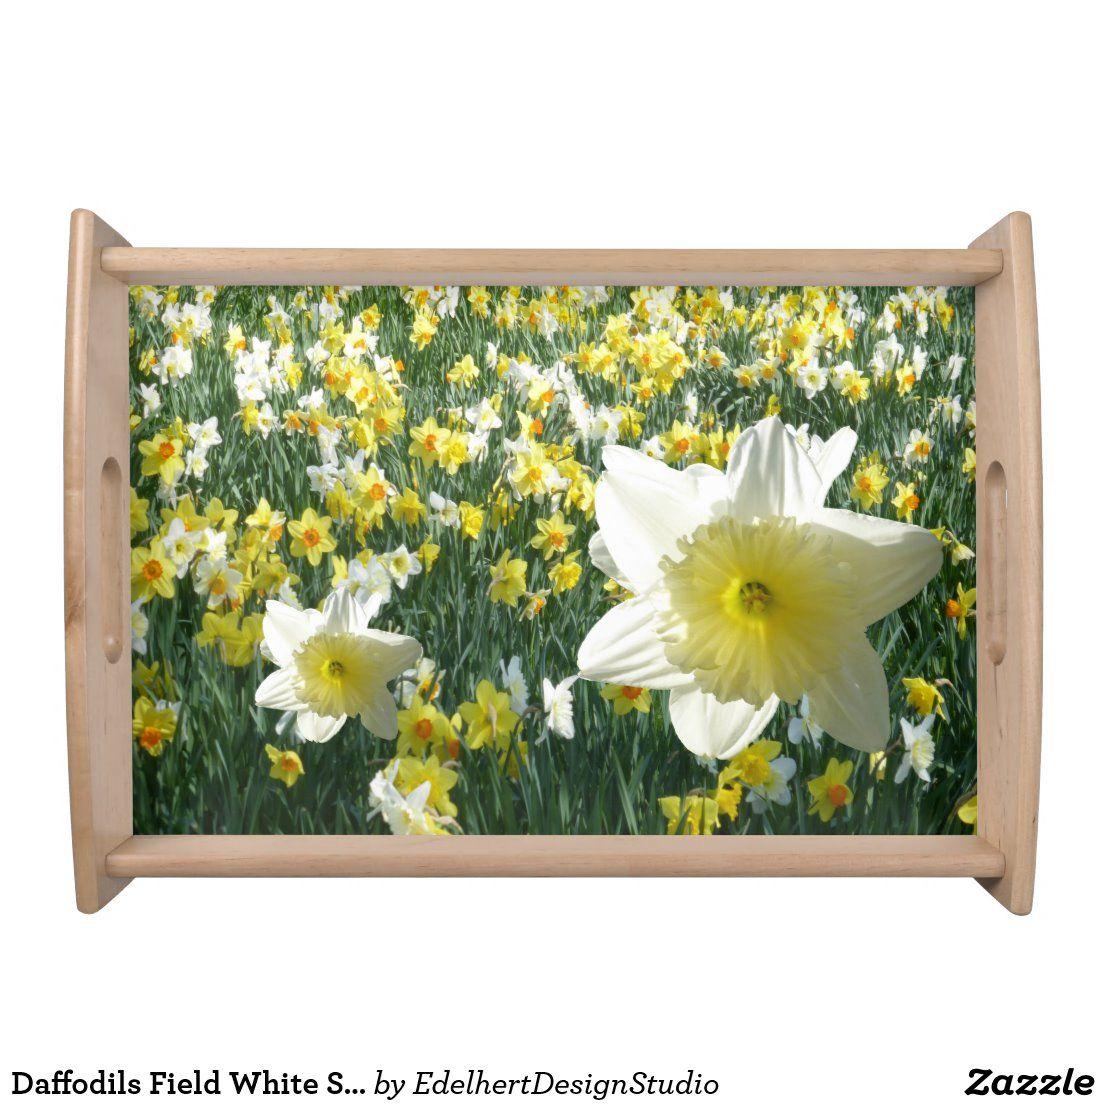 Daffodils Field White Serving Tray Zazzle Com White Serving Tray Daffodils Natural Wood Finish